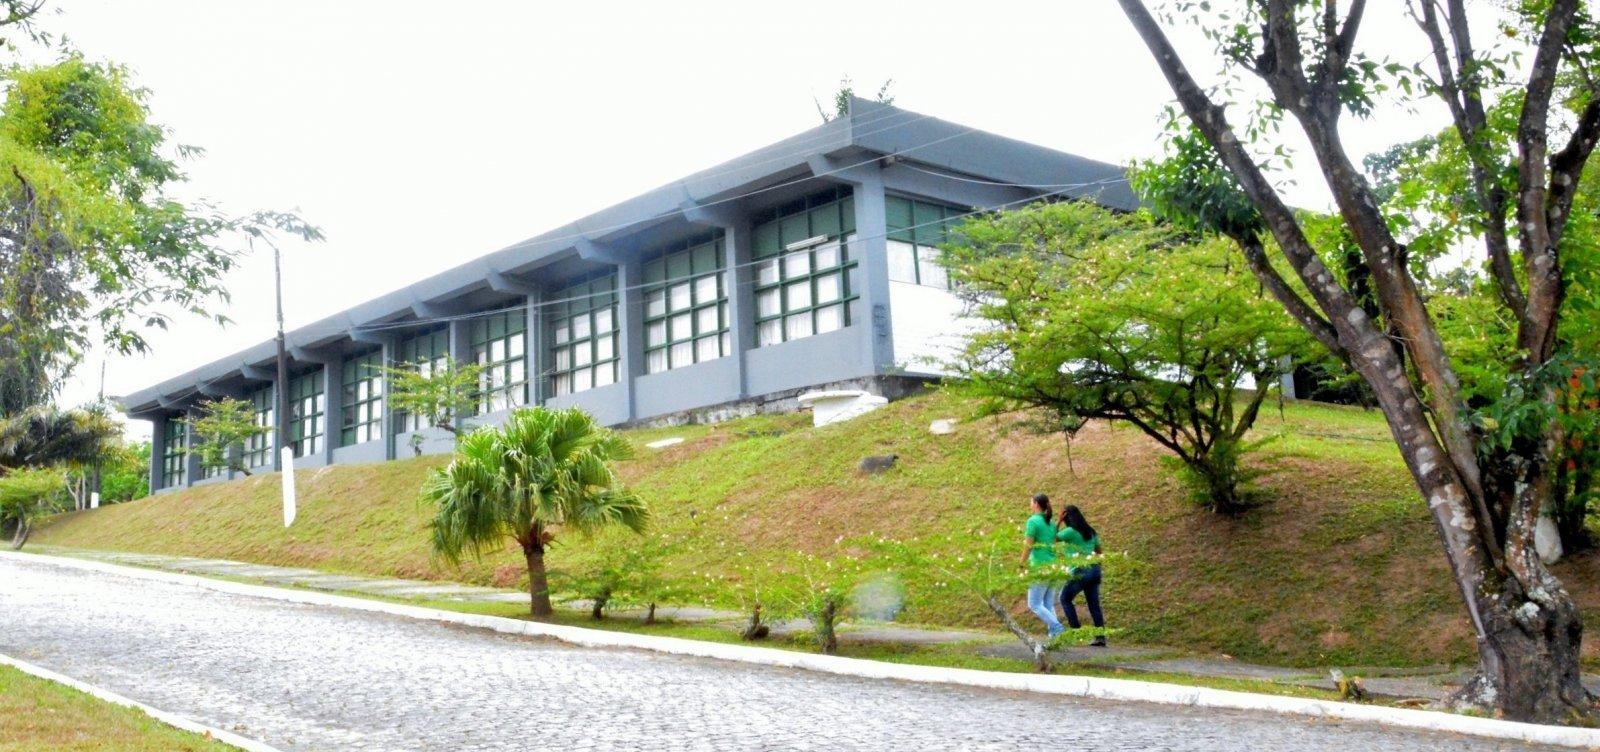 Governo libera R$ 2,59 bilhões para universidades, mas ainda não recompõe verbas